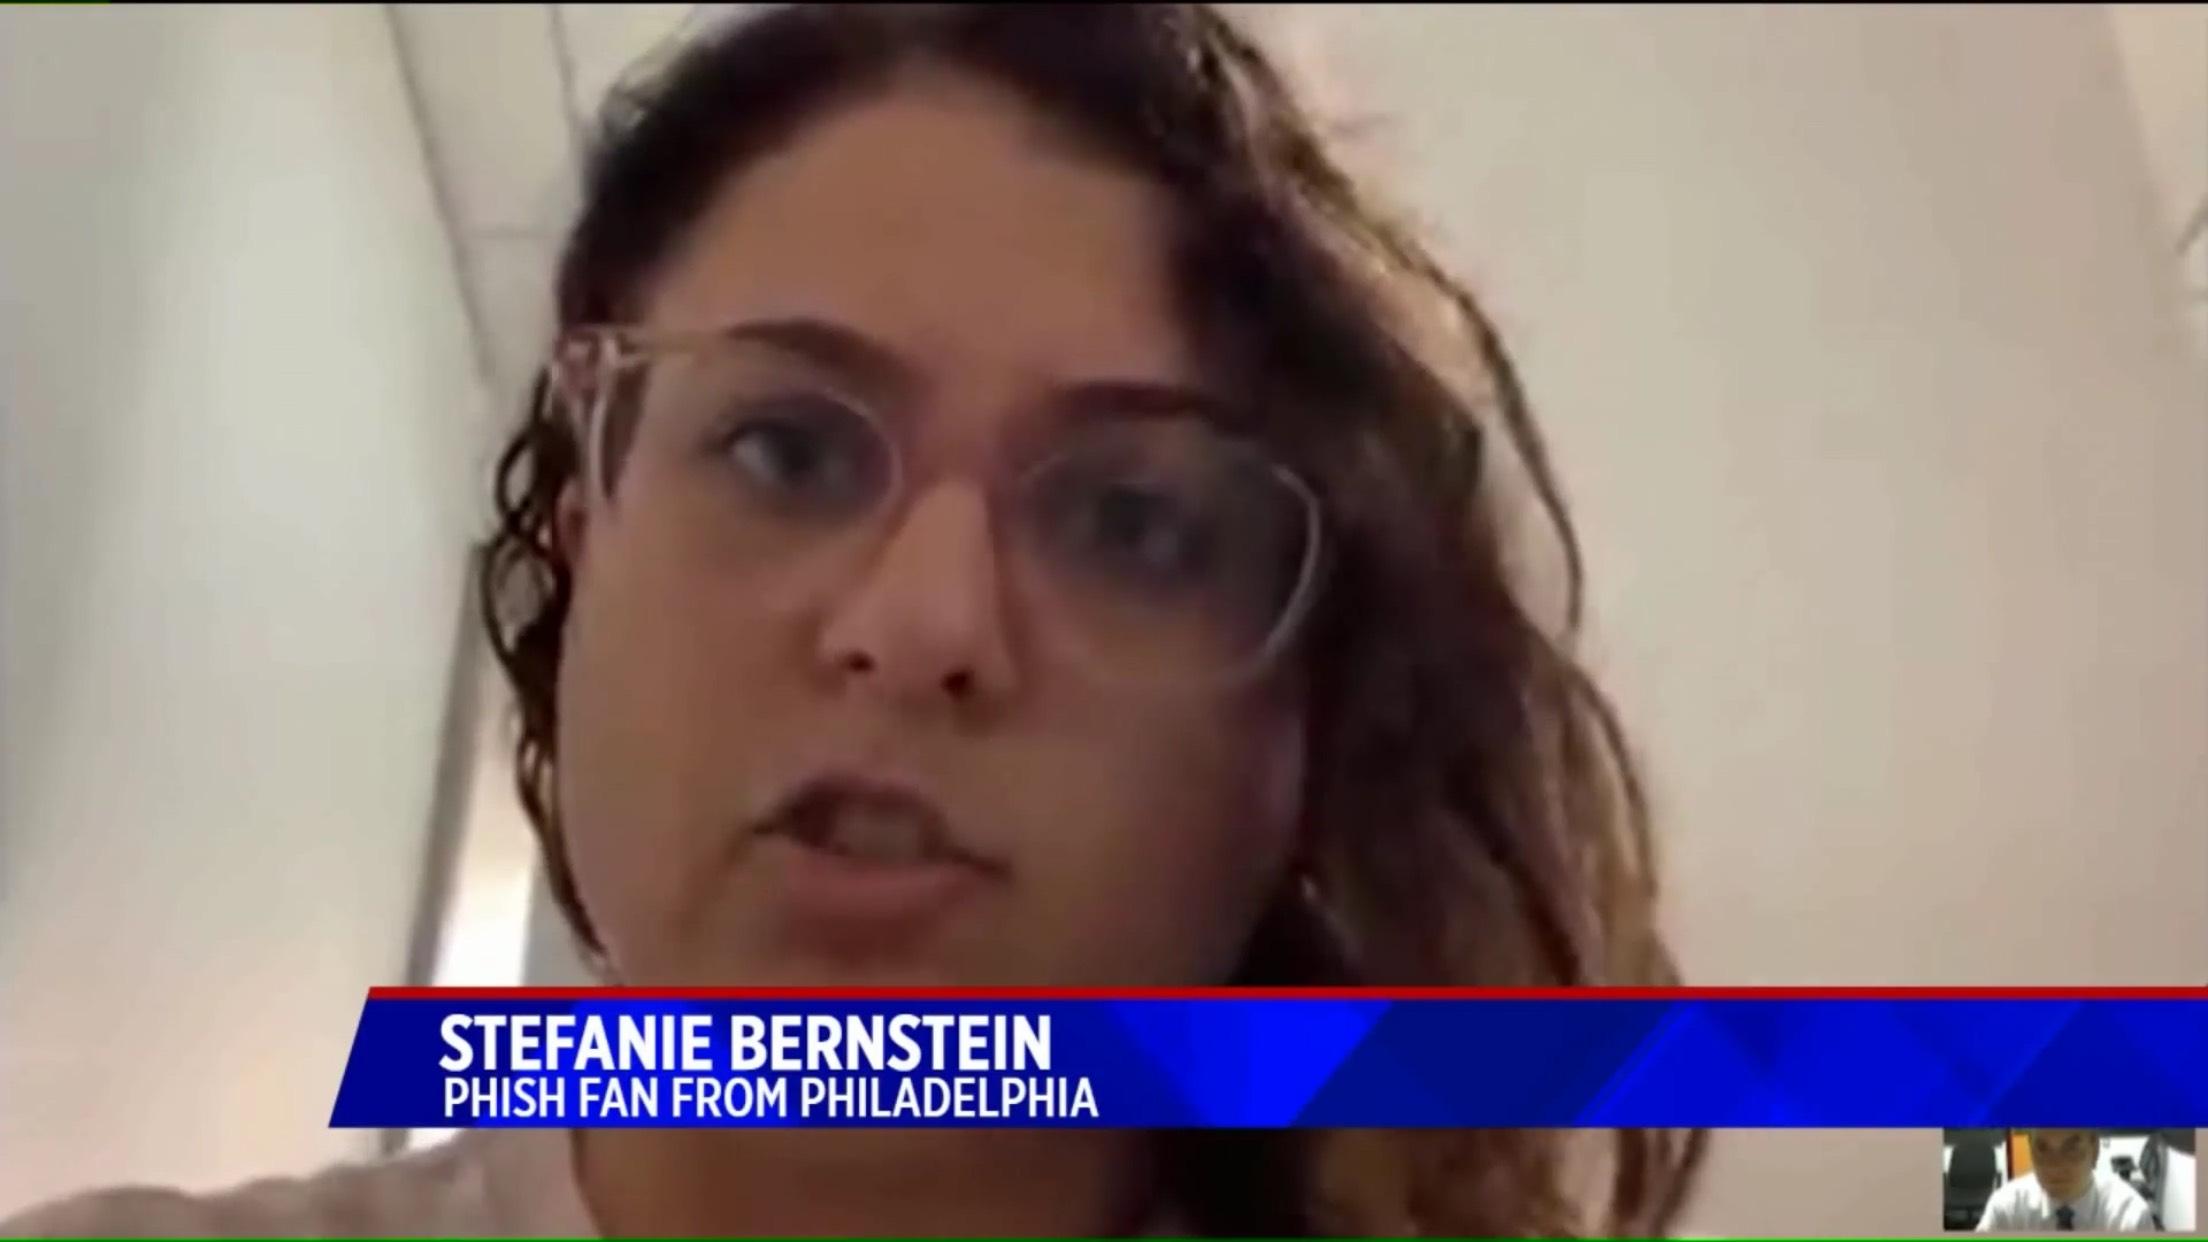 Stefanie Bernstein: Phish Fan From Philadelphia